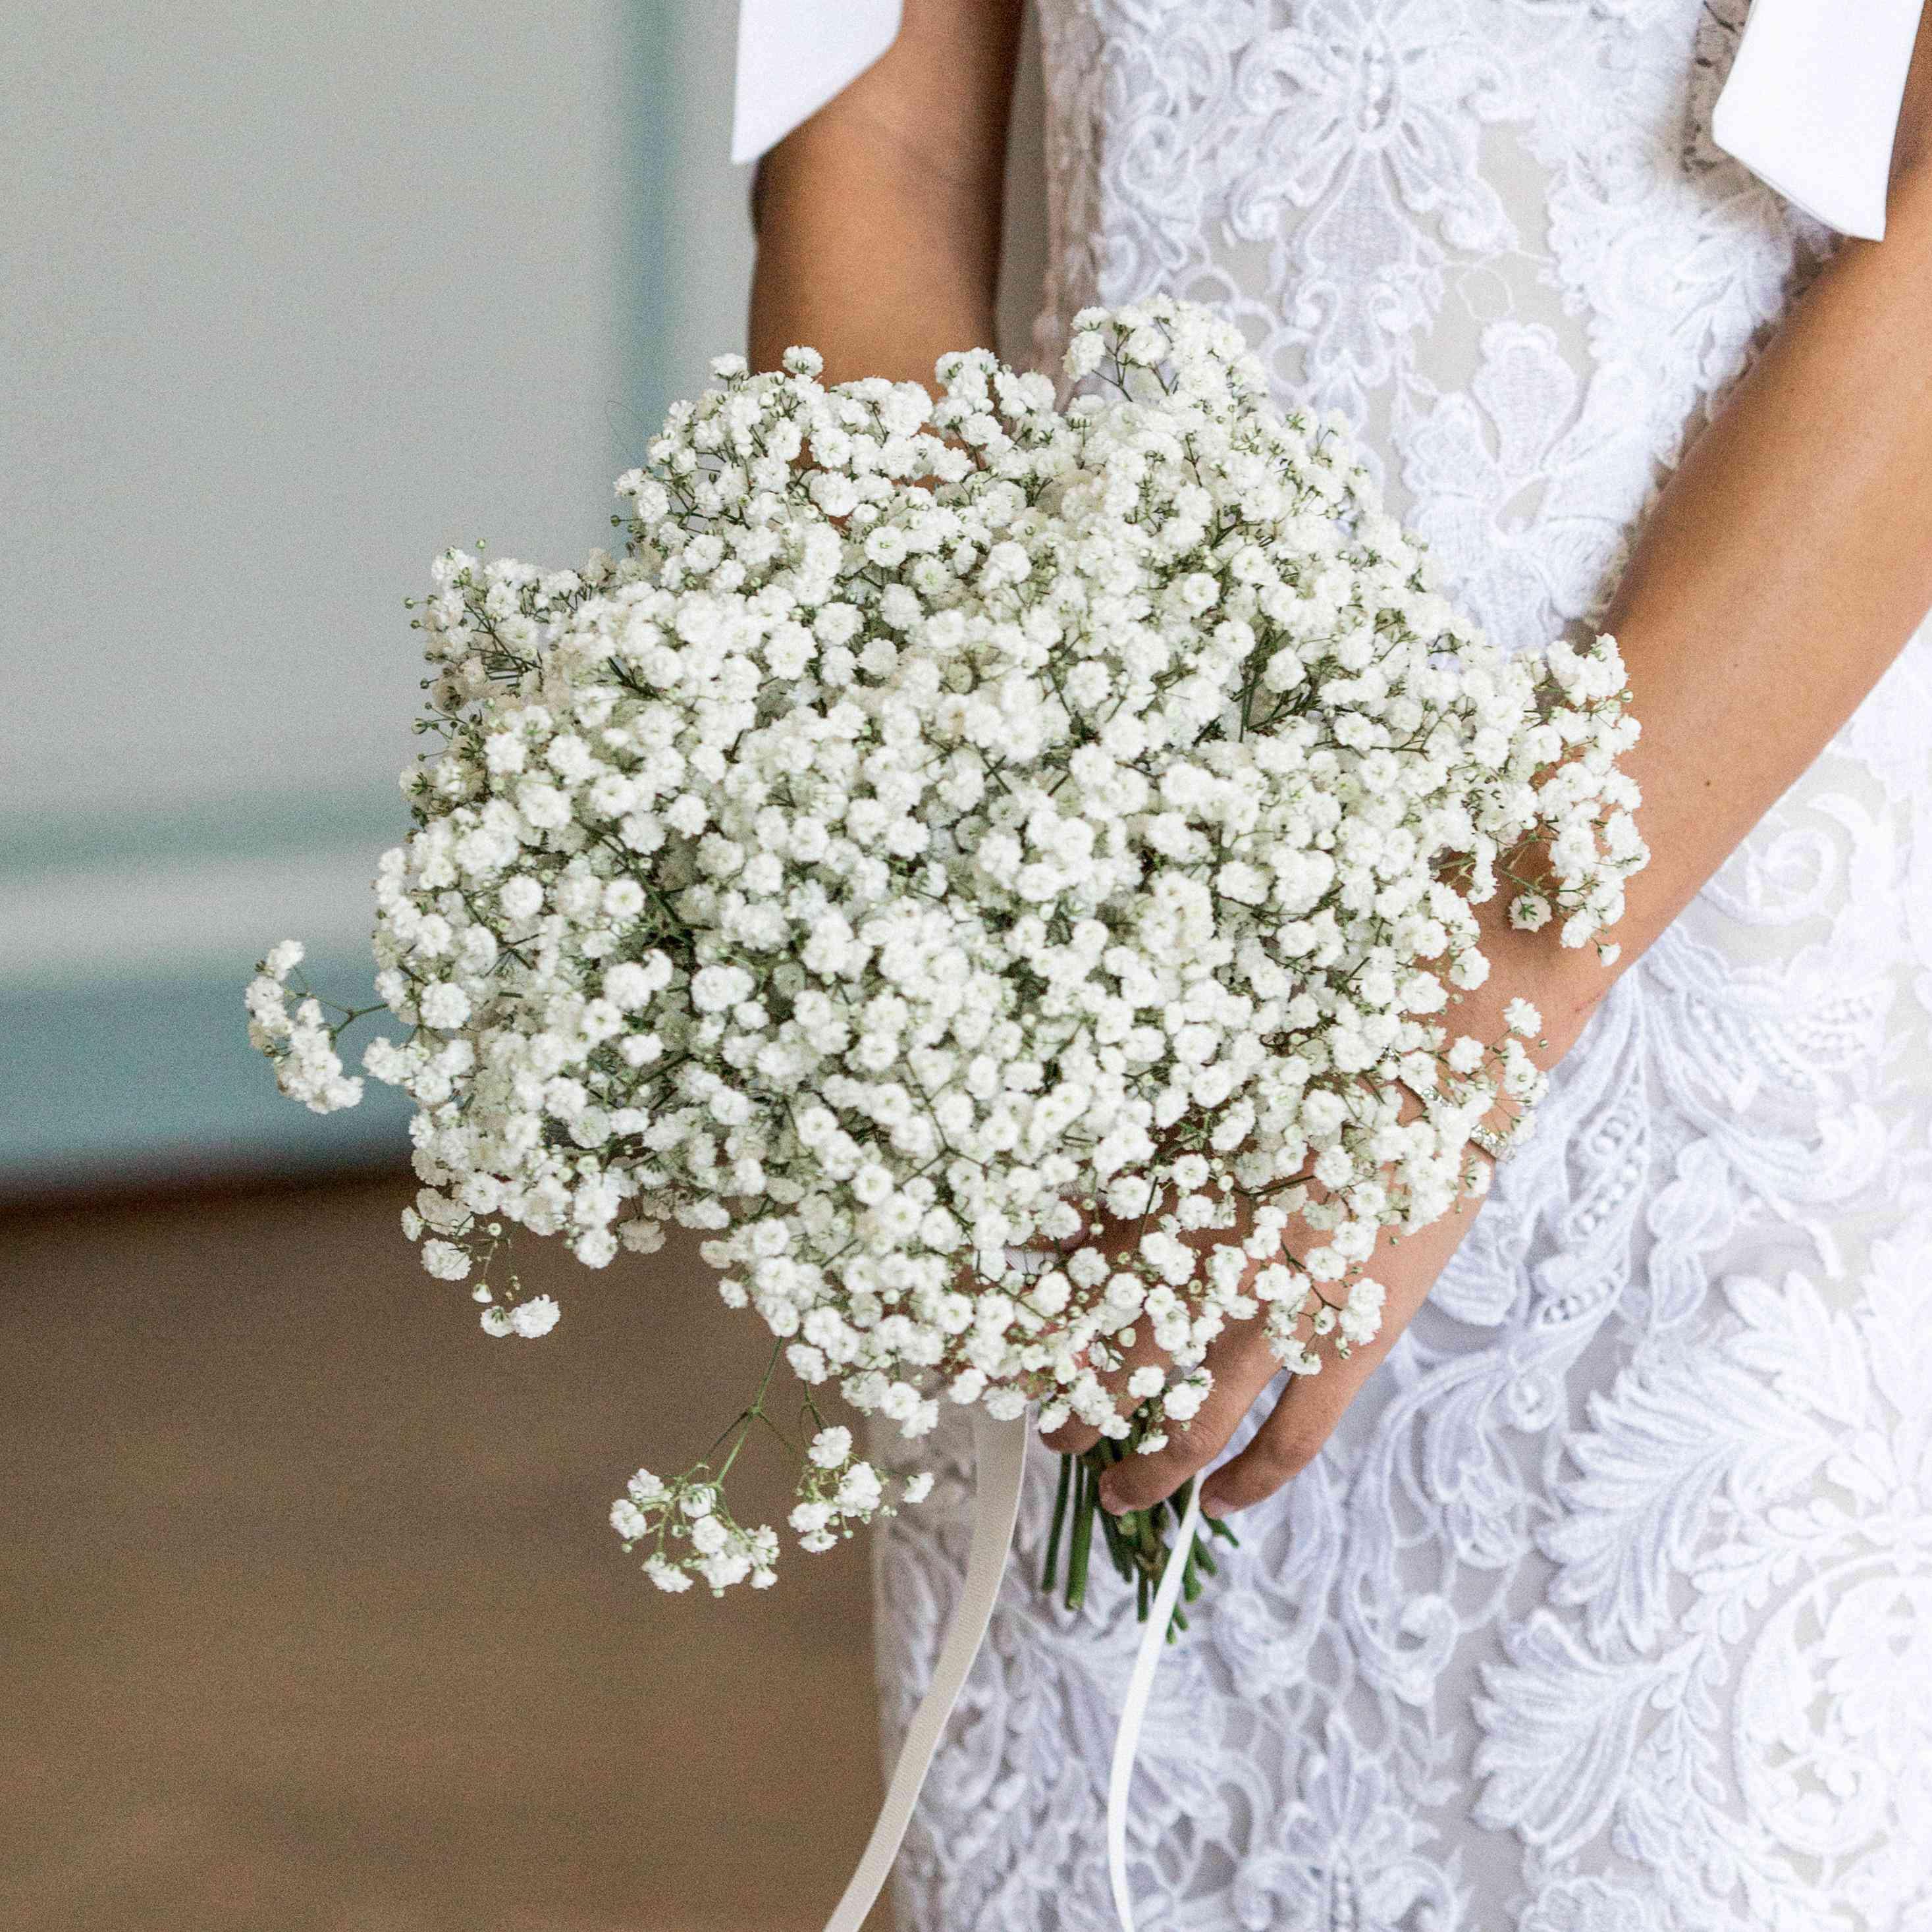 Baby Breath Flower Wedding Bouquet Best Flower Wallpaper